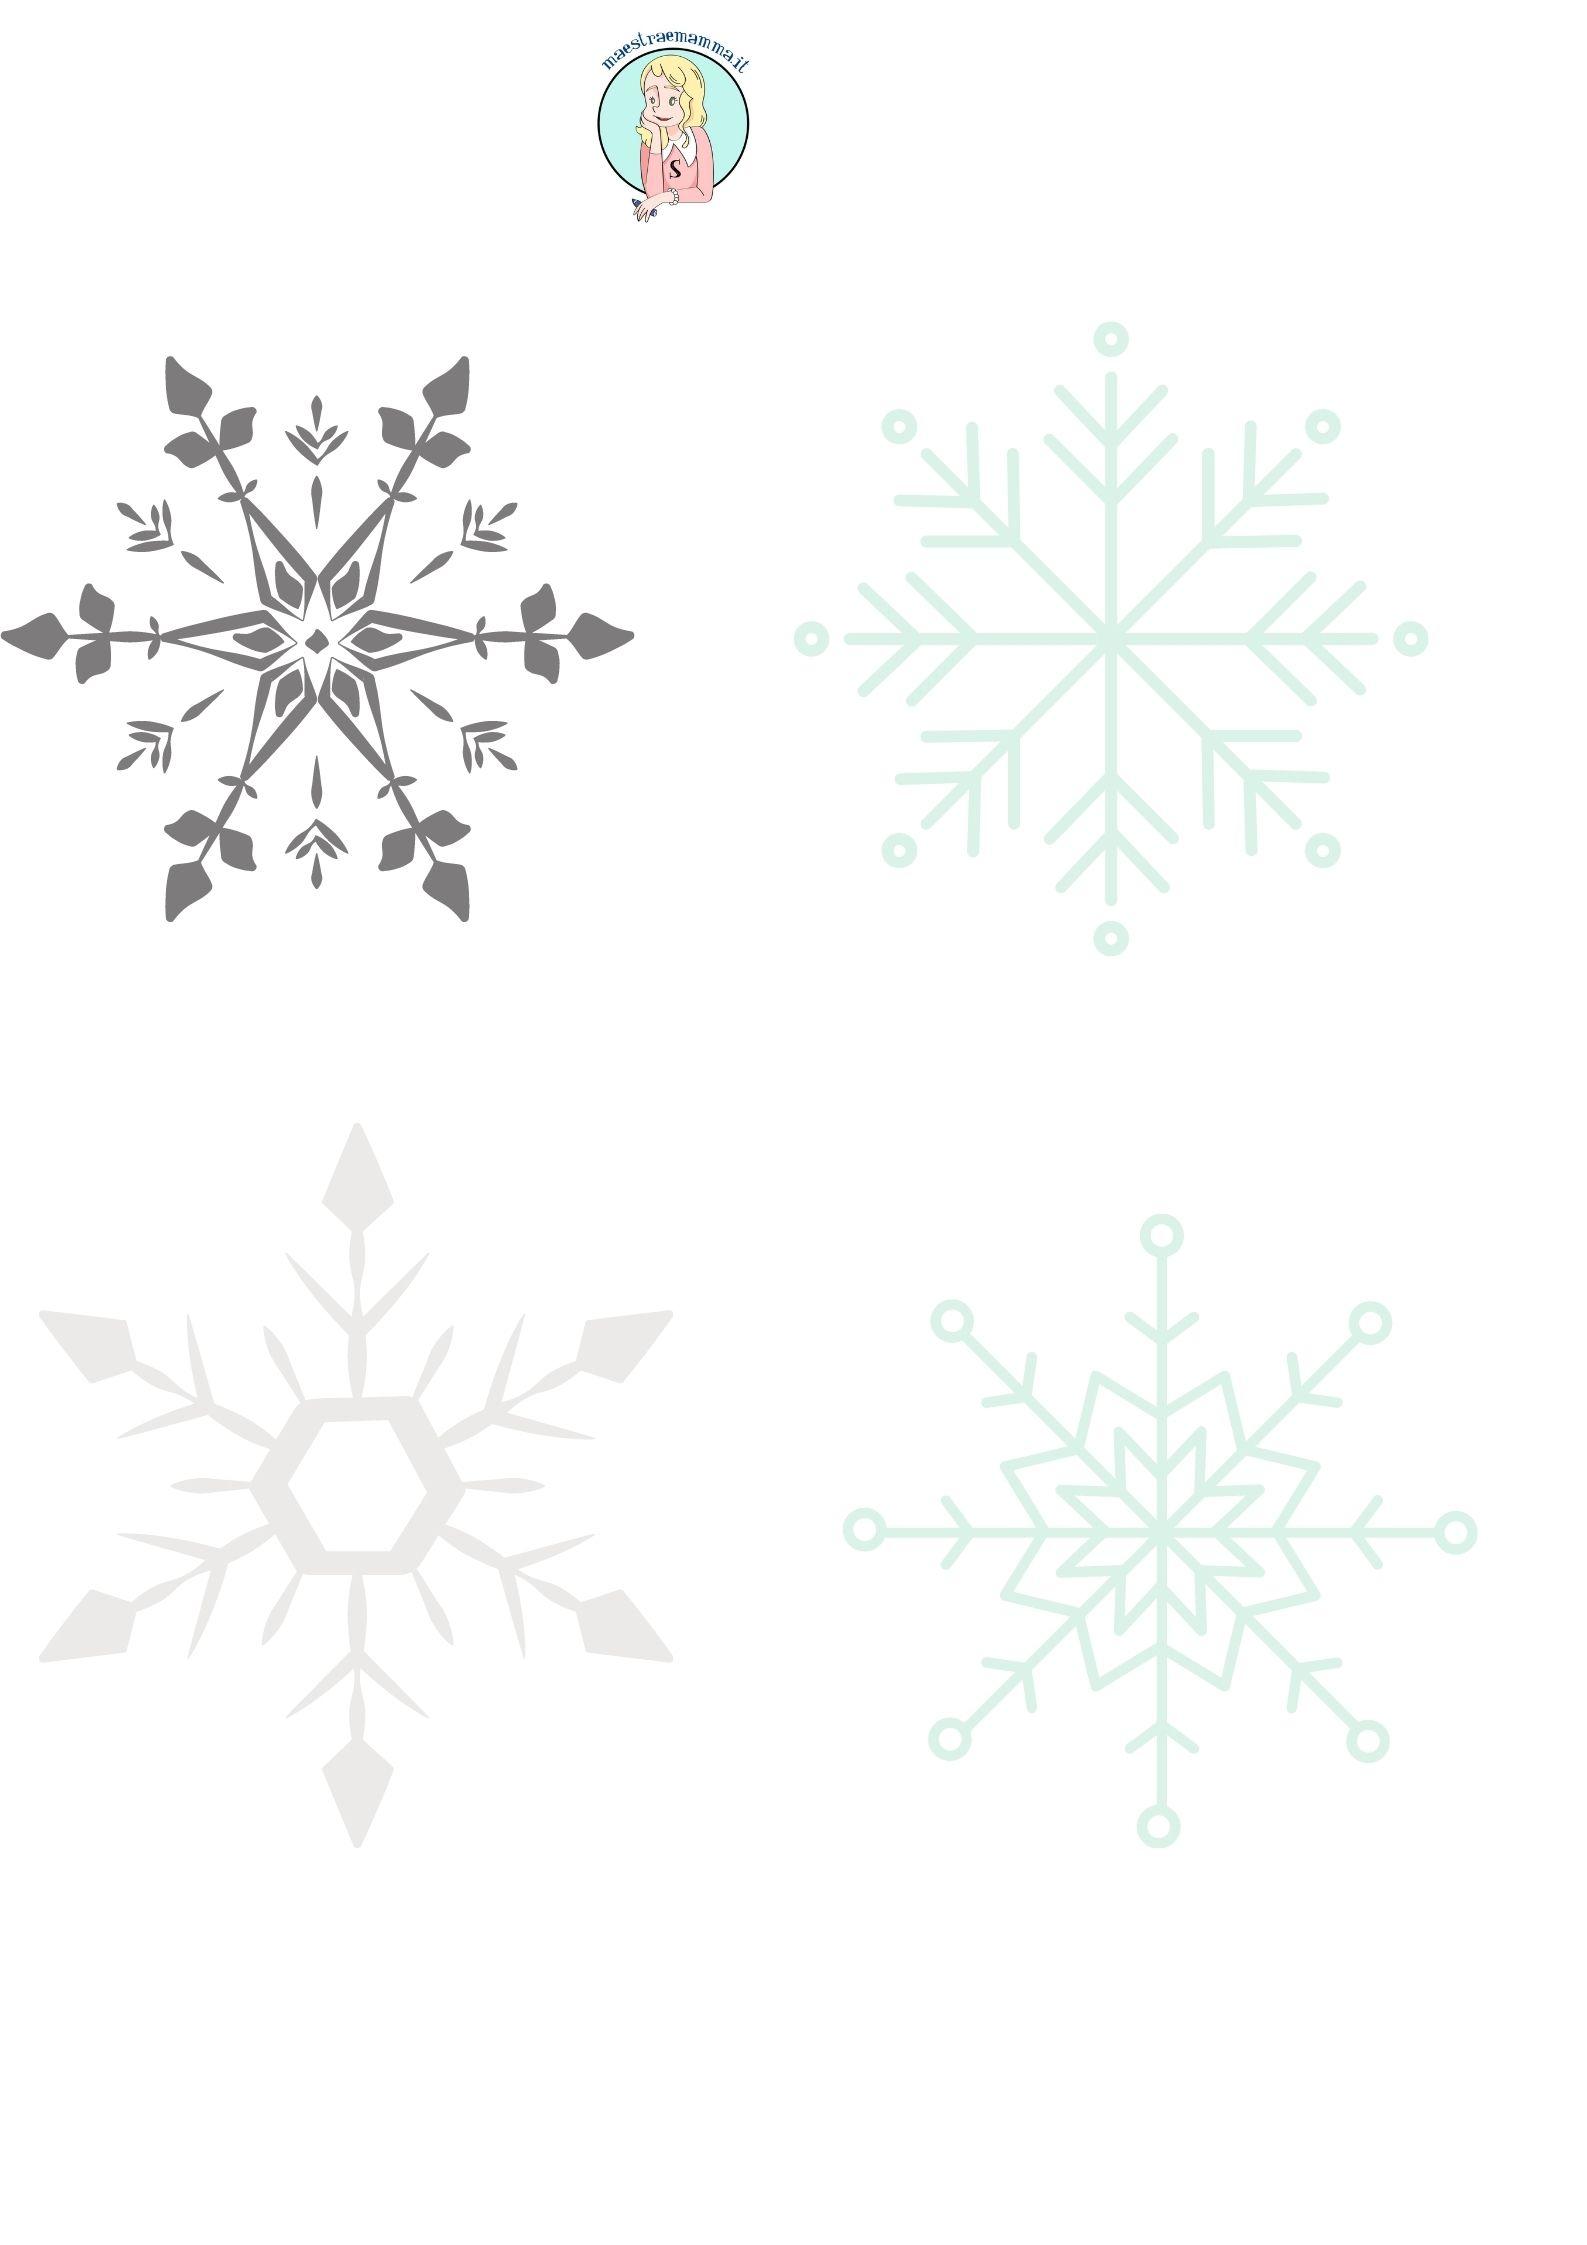 fiocchi di neve in bianco e nero Disegni di Natale da ricopiare stampare colorare appendere